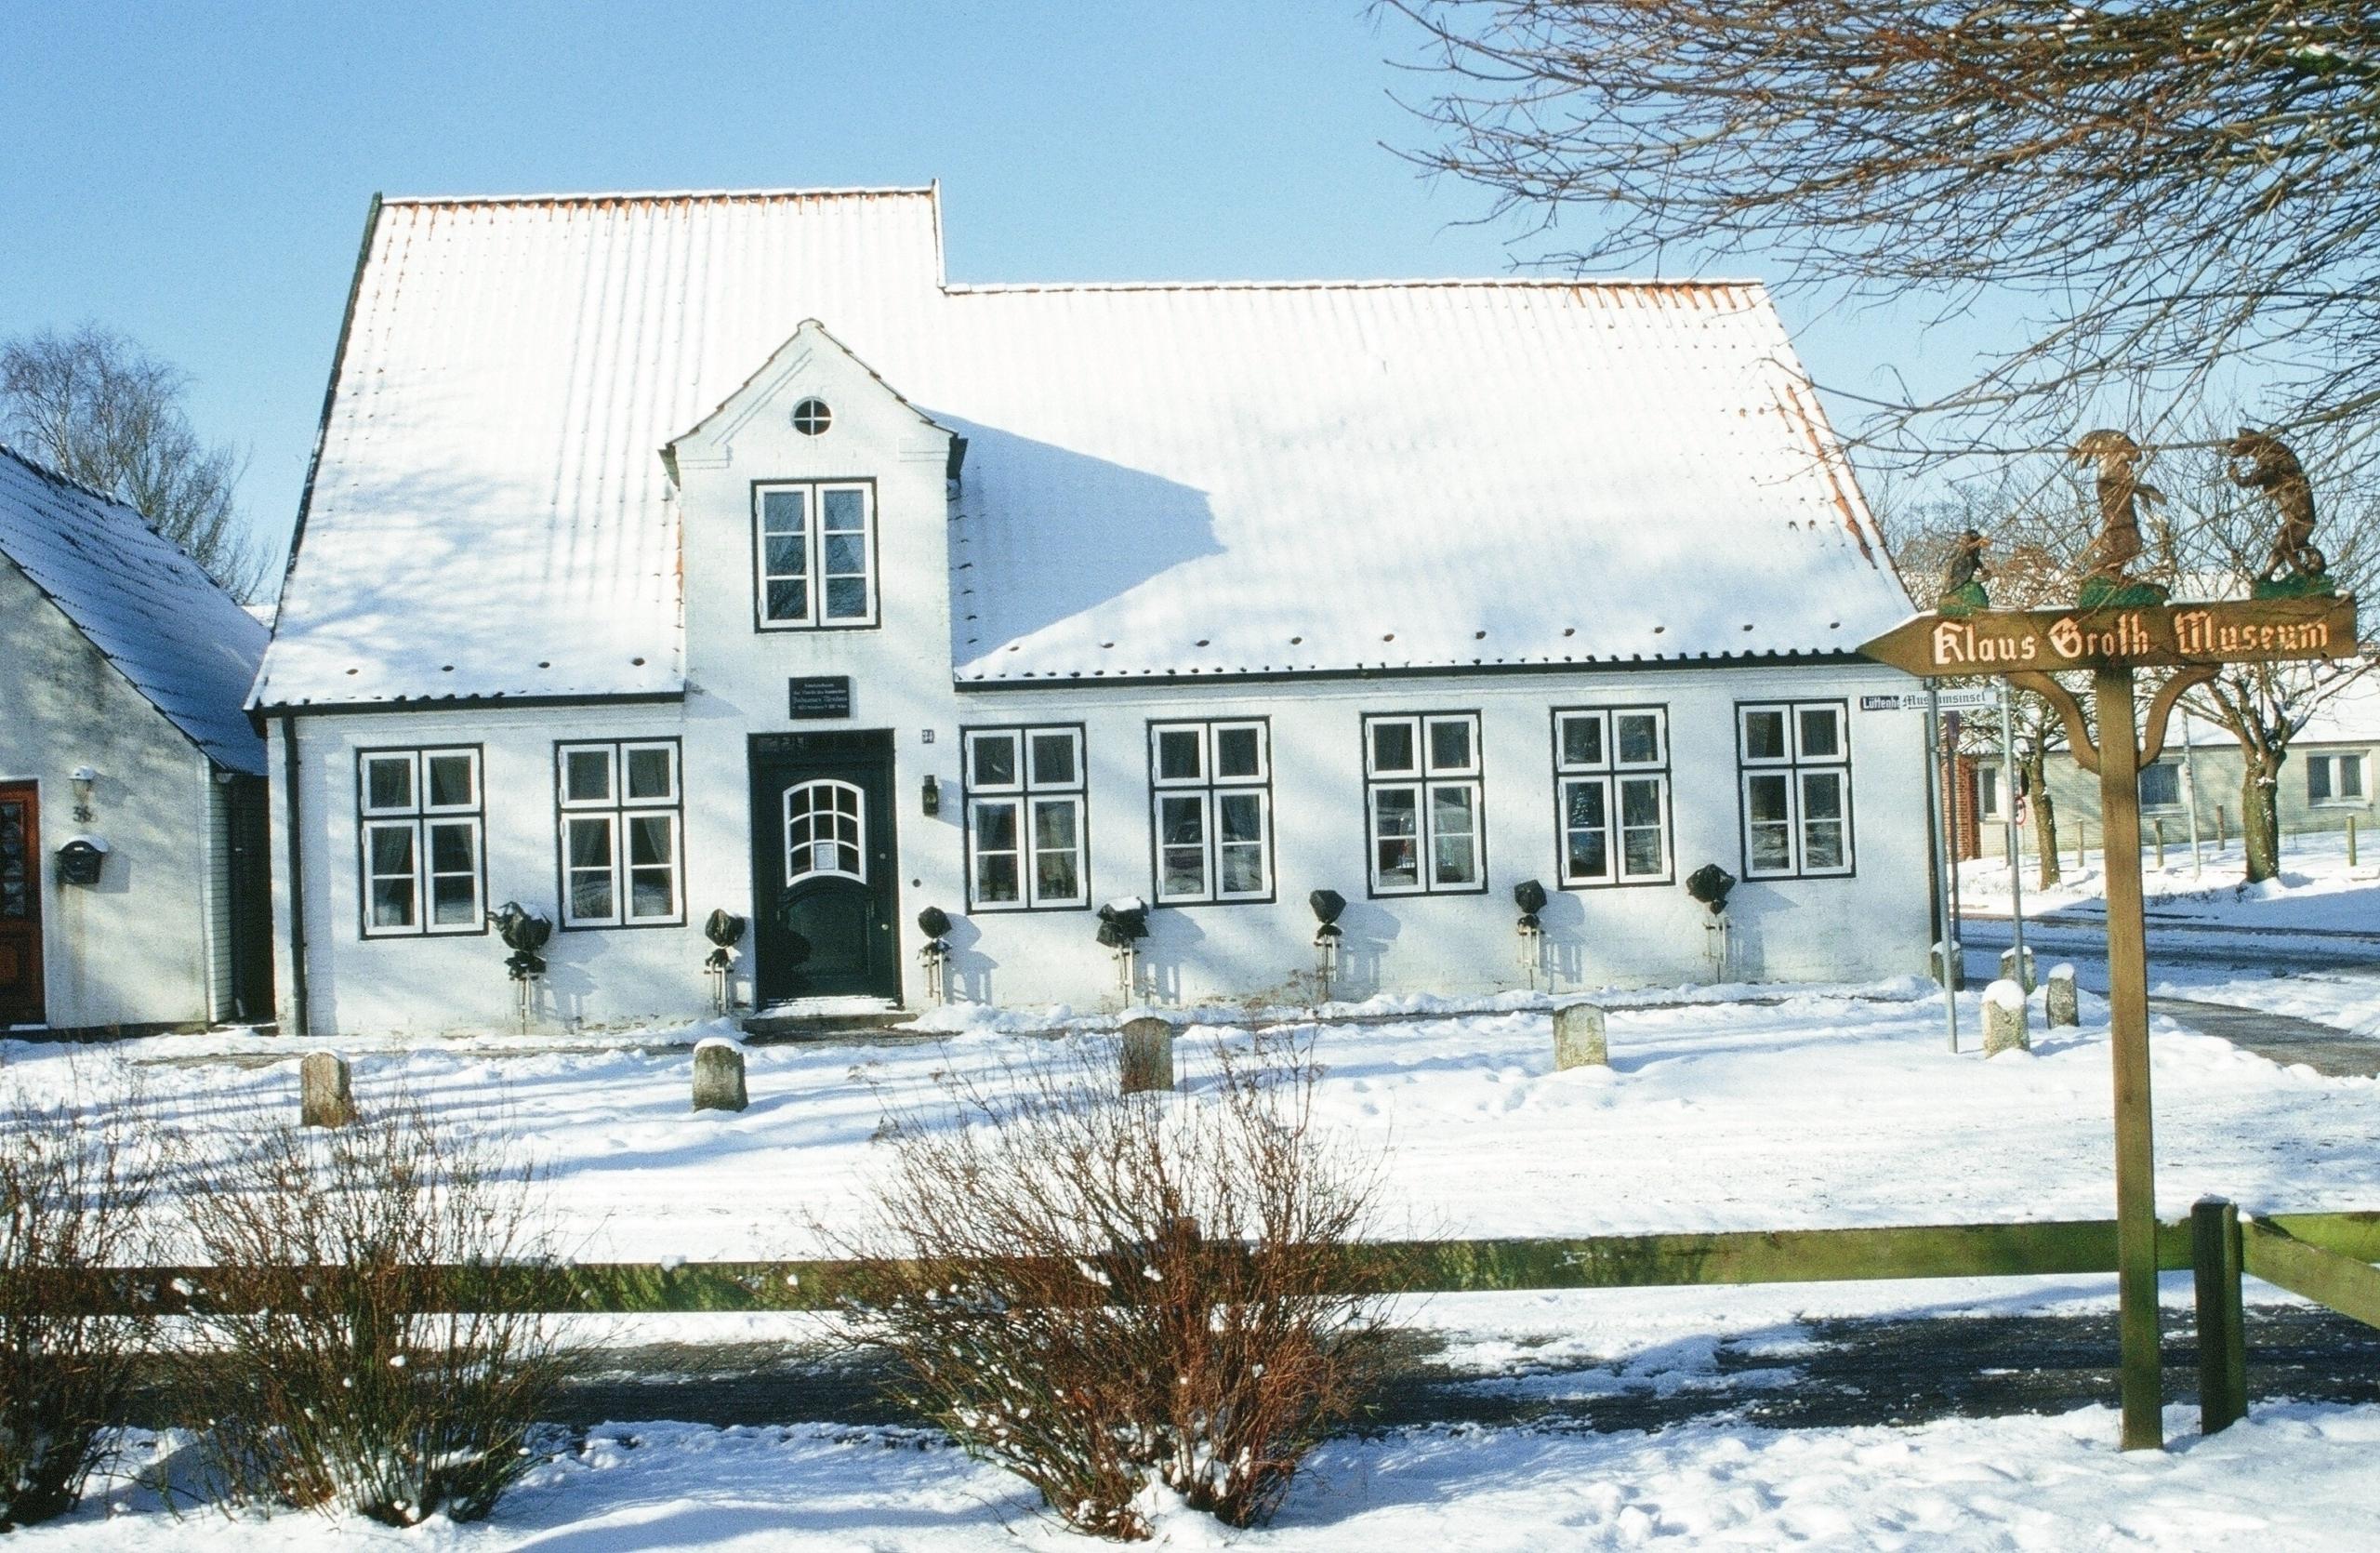 Brahms-Haus geht in die Winterpause